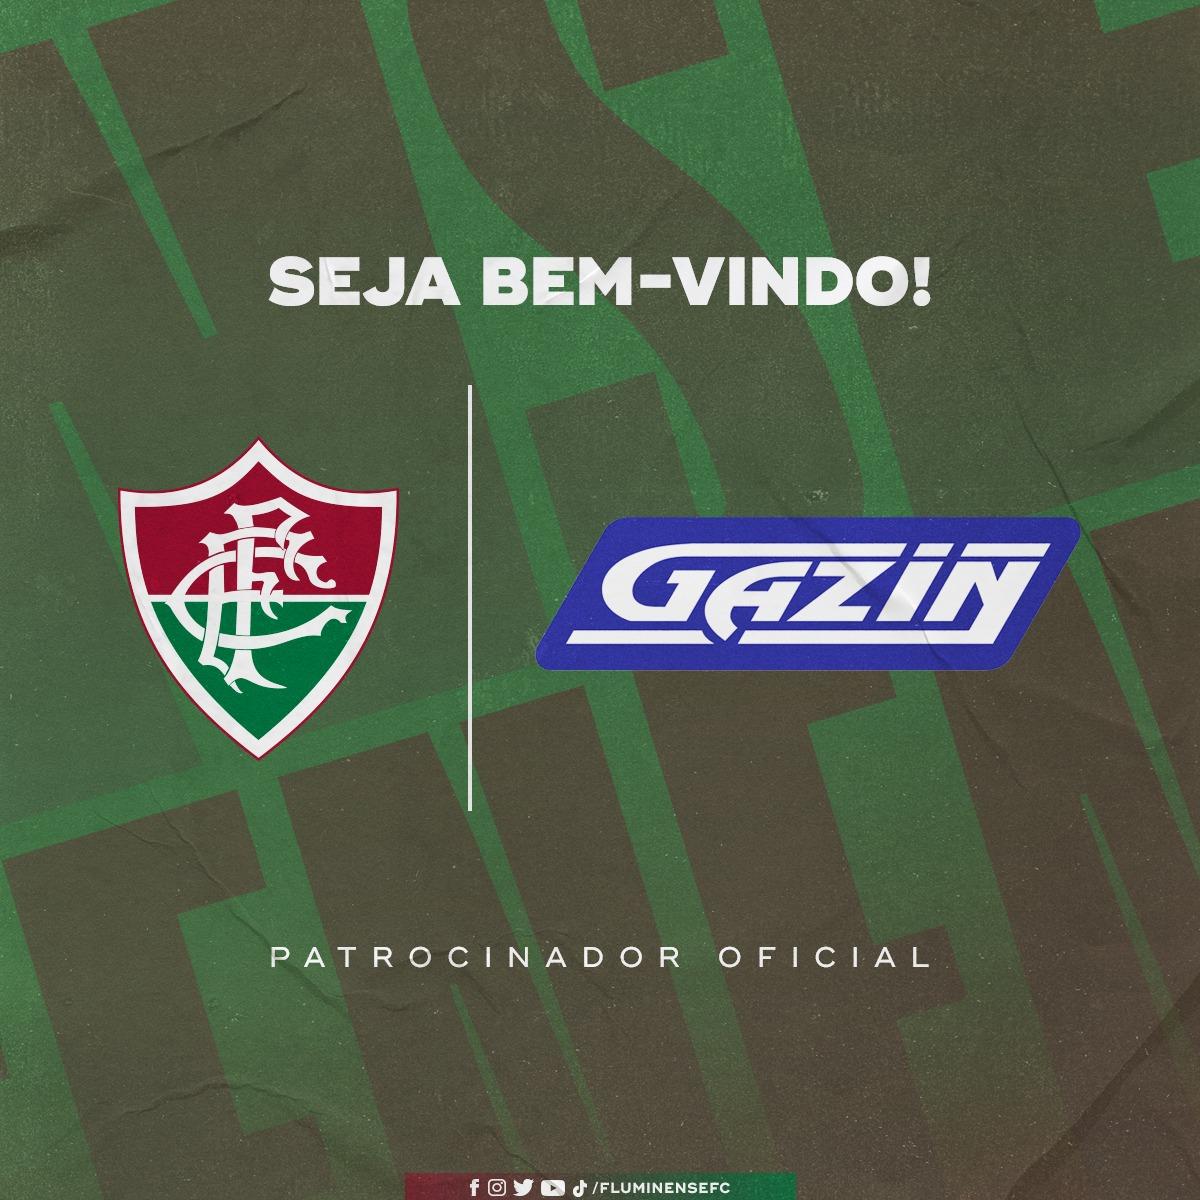 Fluminense apresentou a parceria com o Grupo Gazin